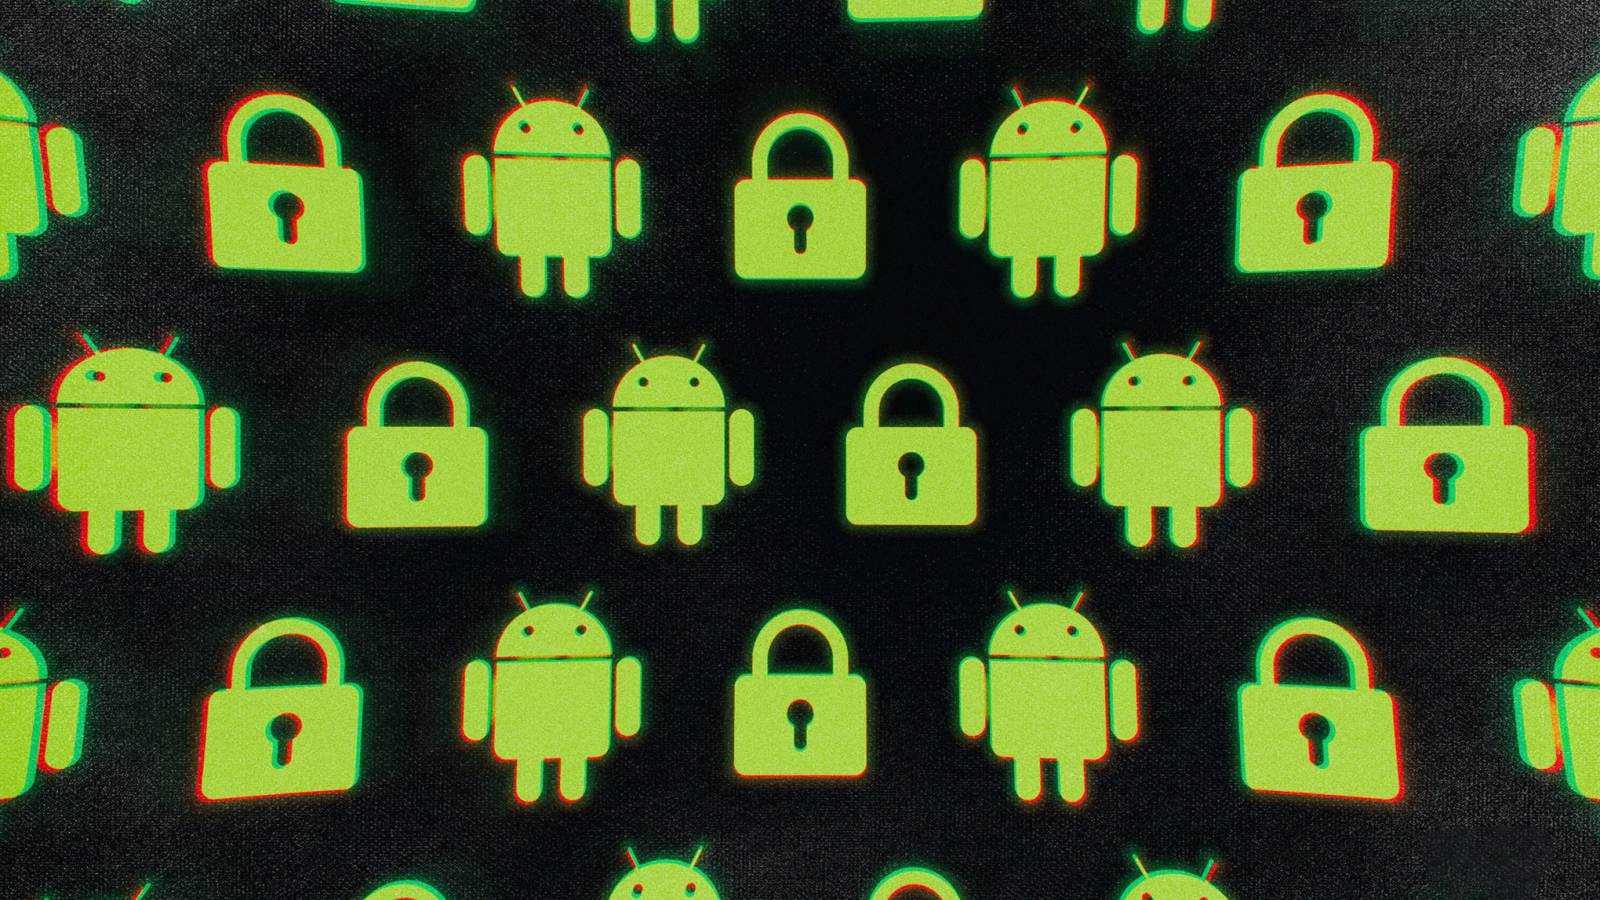 Android notificari windows 10